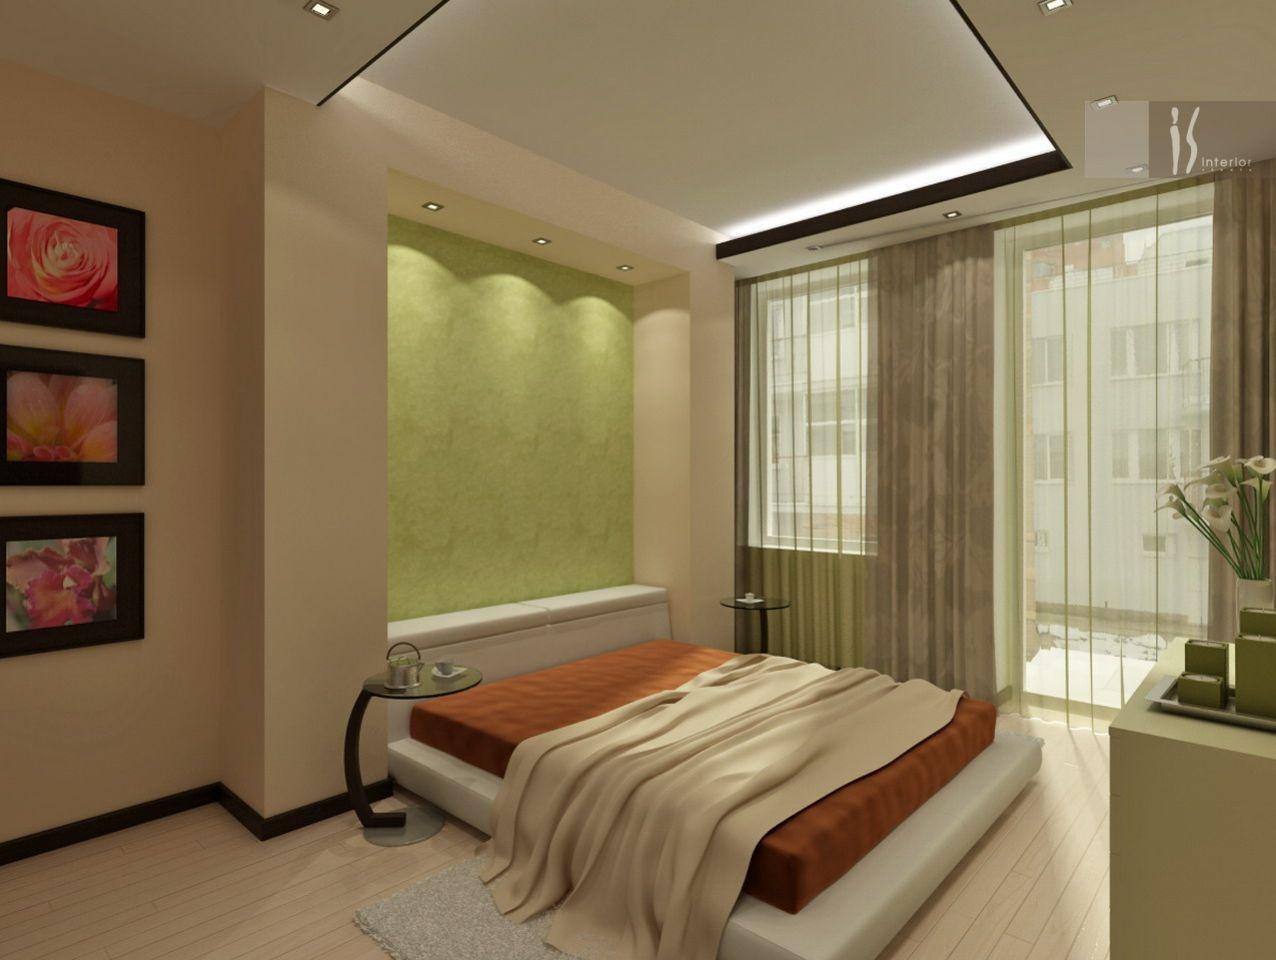 Шторы в спальню с балконом - лучшие идеи оформления дизайна!.